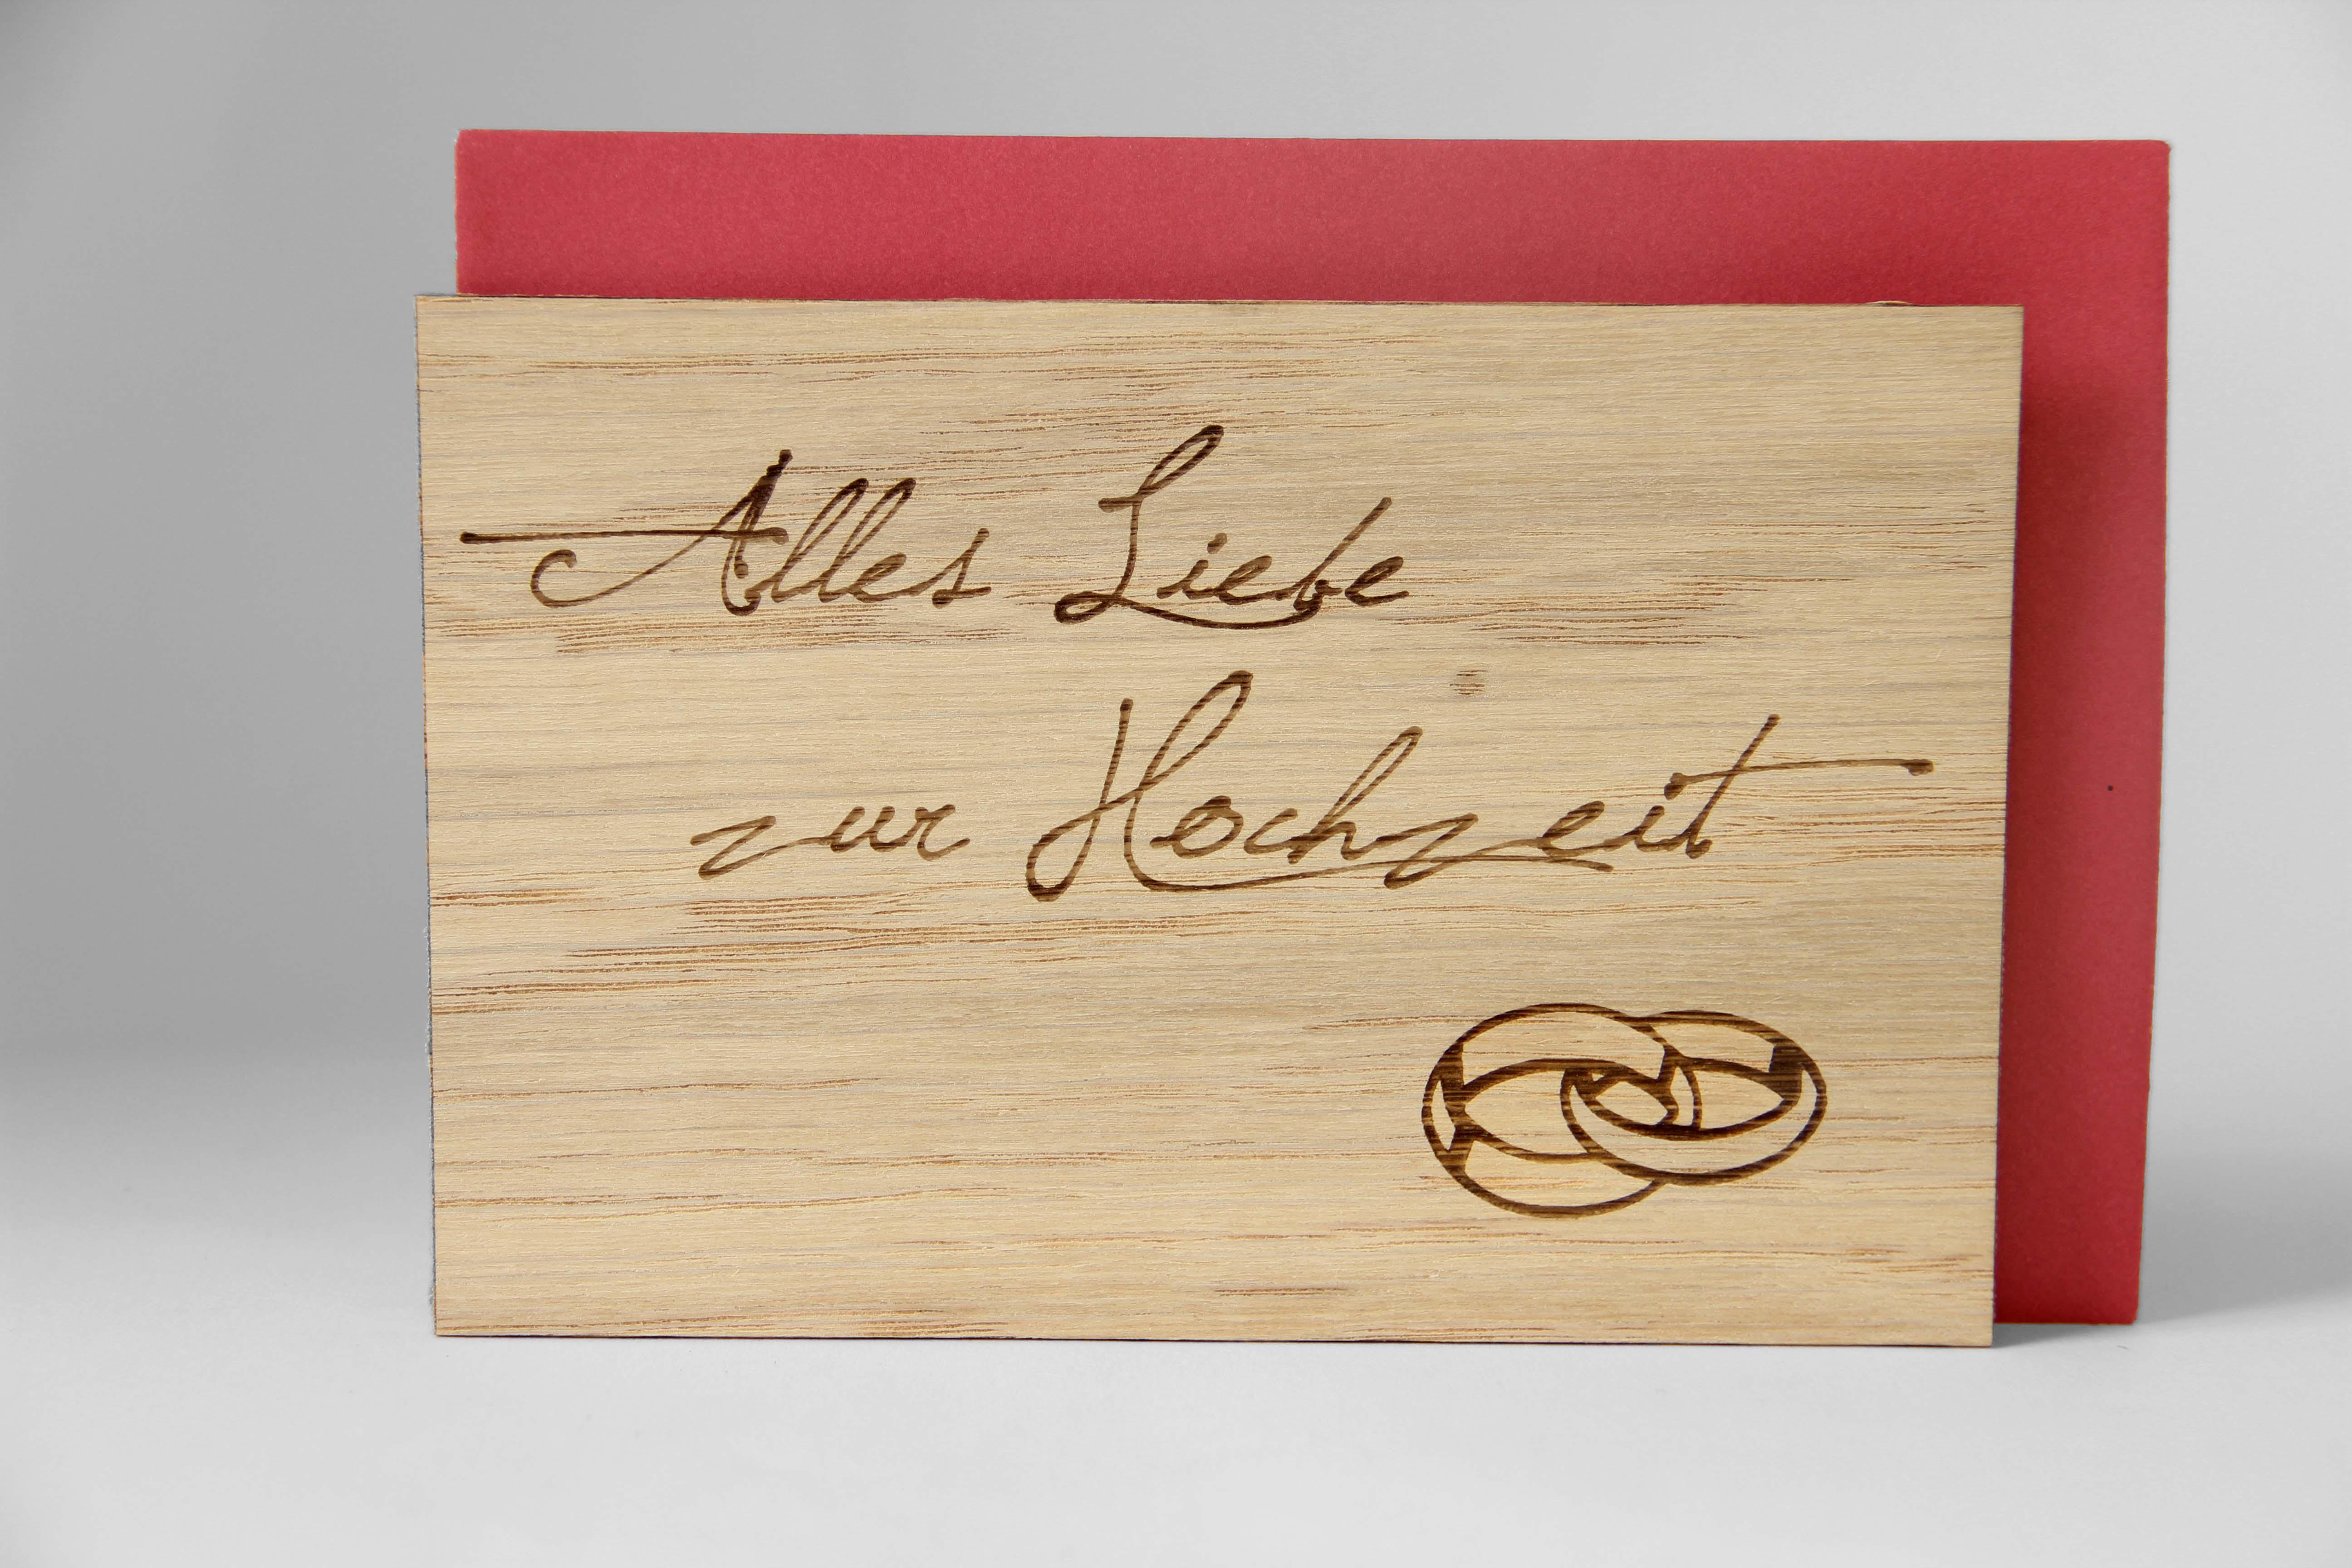 Original Holzgrußkarte - Alles Liebe zur Hochzeit - 100% handmade in Österreich, aus Eichenholz gefertigte Hochzeitskarte, Geschenkkarte, Grußkarte, Klappkarte, Postkarte